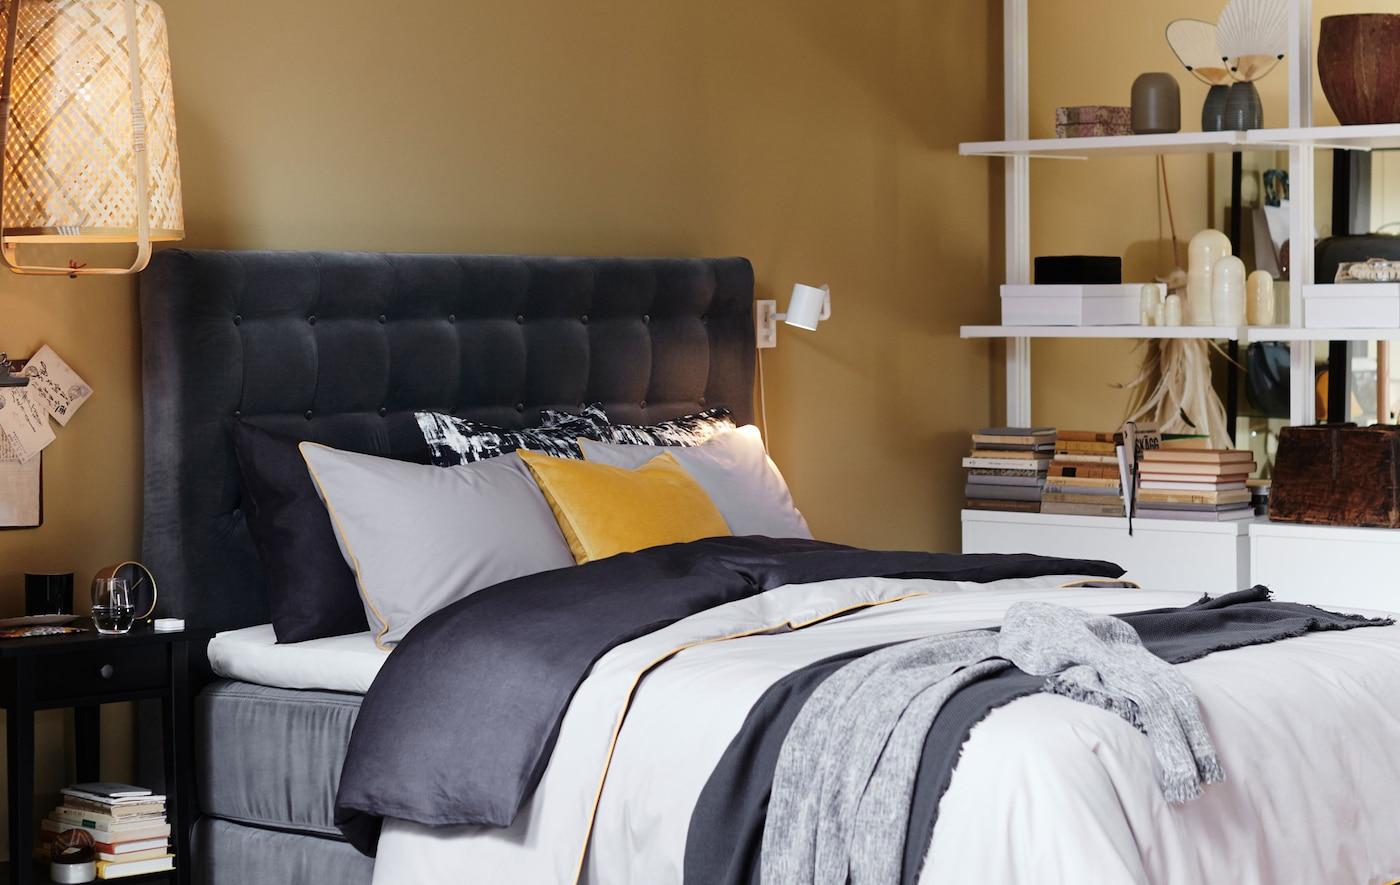 سرير مع لوح رأس مبطن مخملي رمادي ومفارش سرير في طبقات.